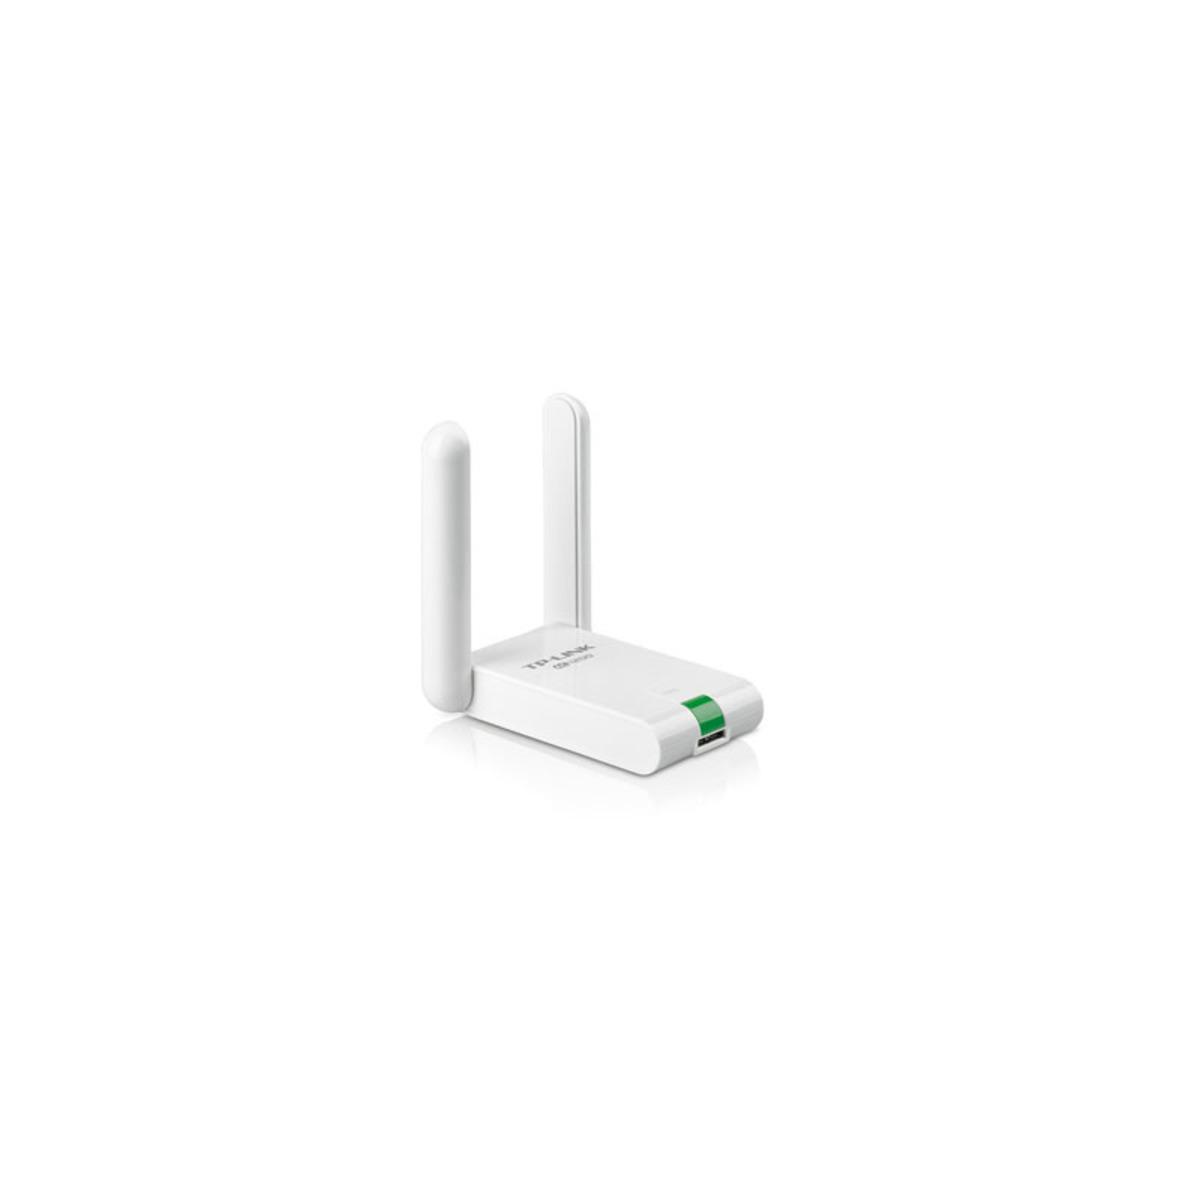 AC1200 無線雙頻高效能 USB接收器 T4UH